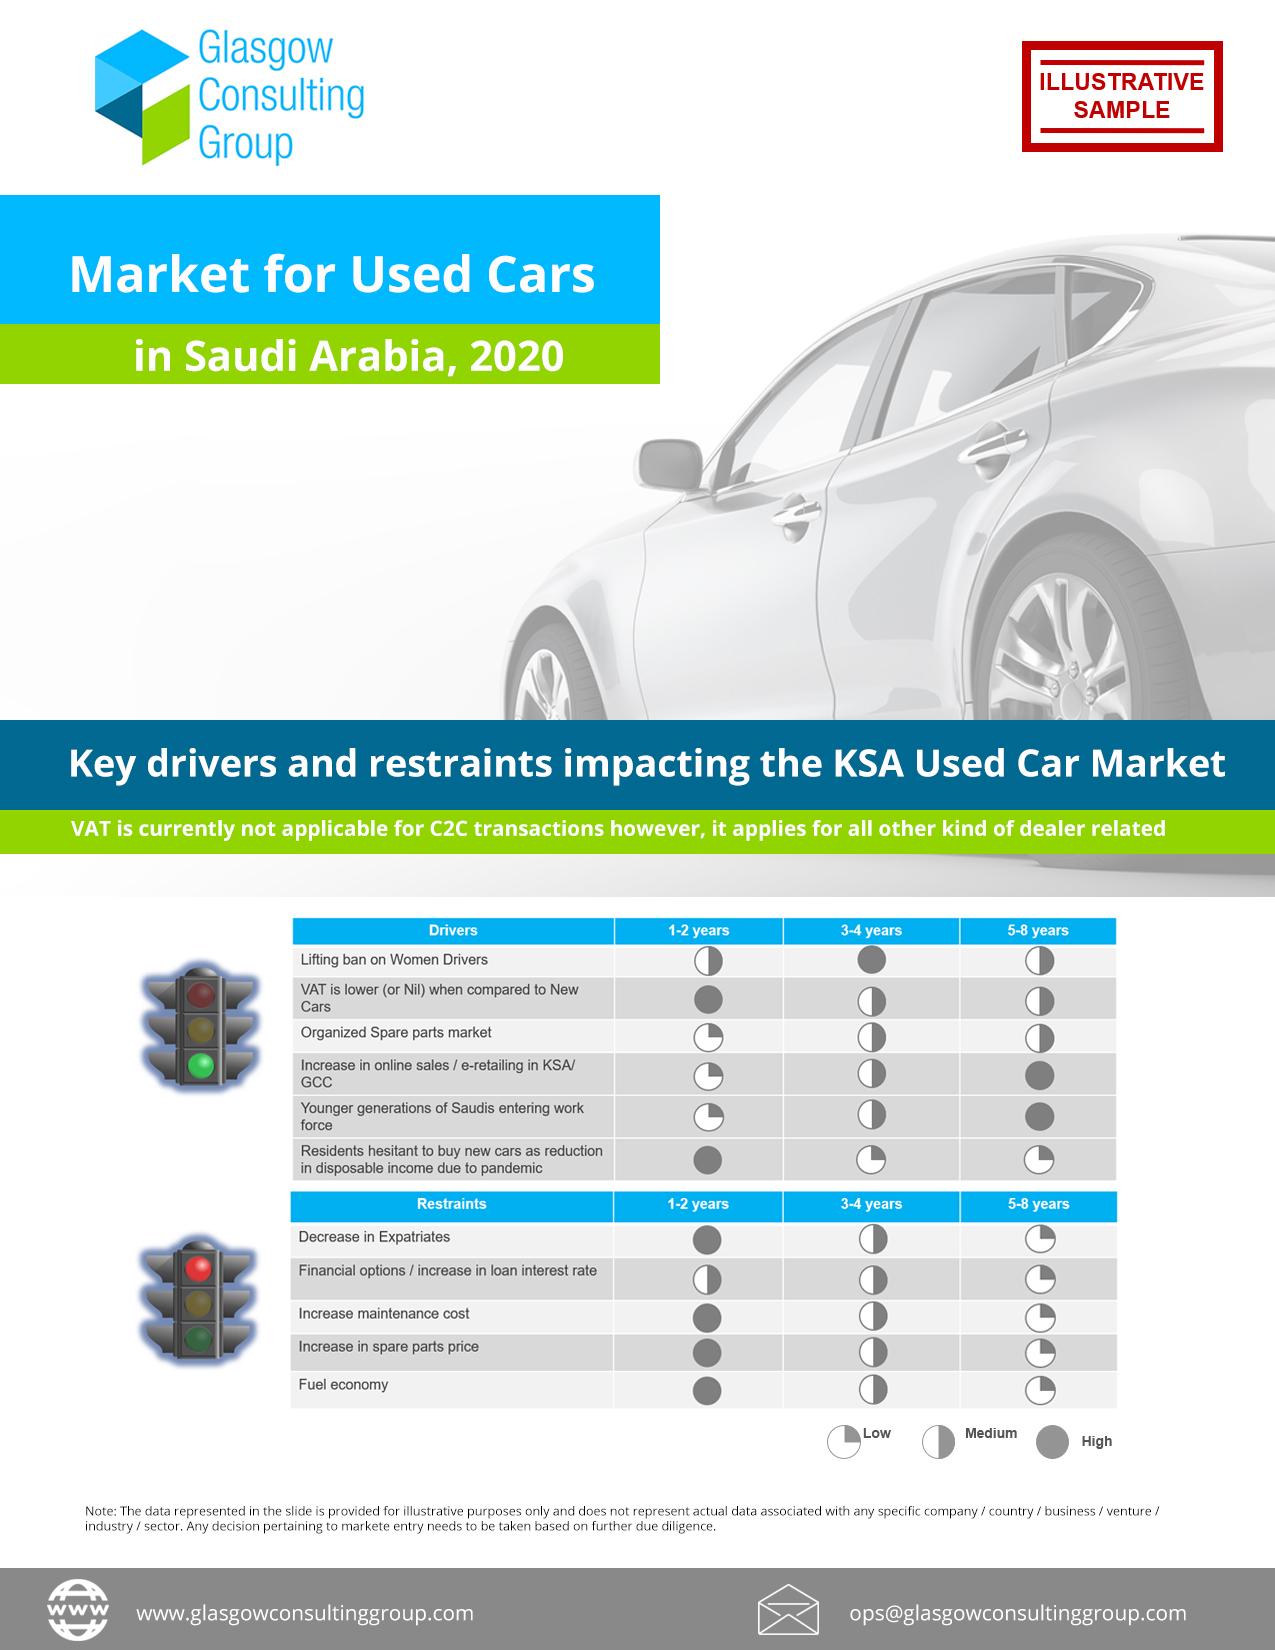 Market for Used Cars in Saudi Arabia, 2020